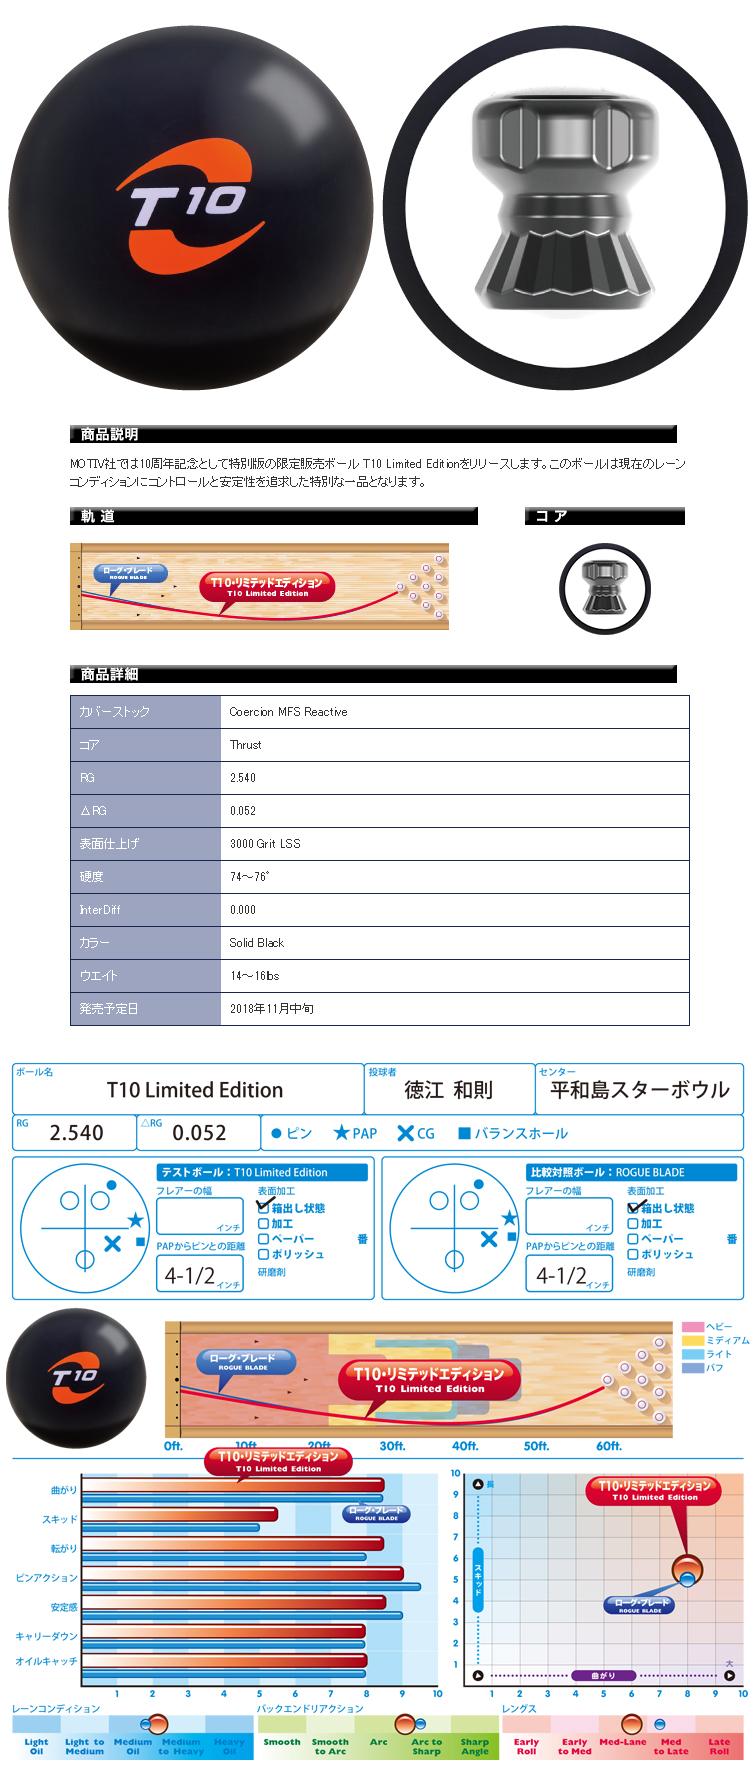 ボウリング用品 ボウリングボール モーティブ MOTIV T10リミテッドエディション T10 Limited Edition